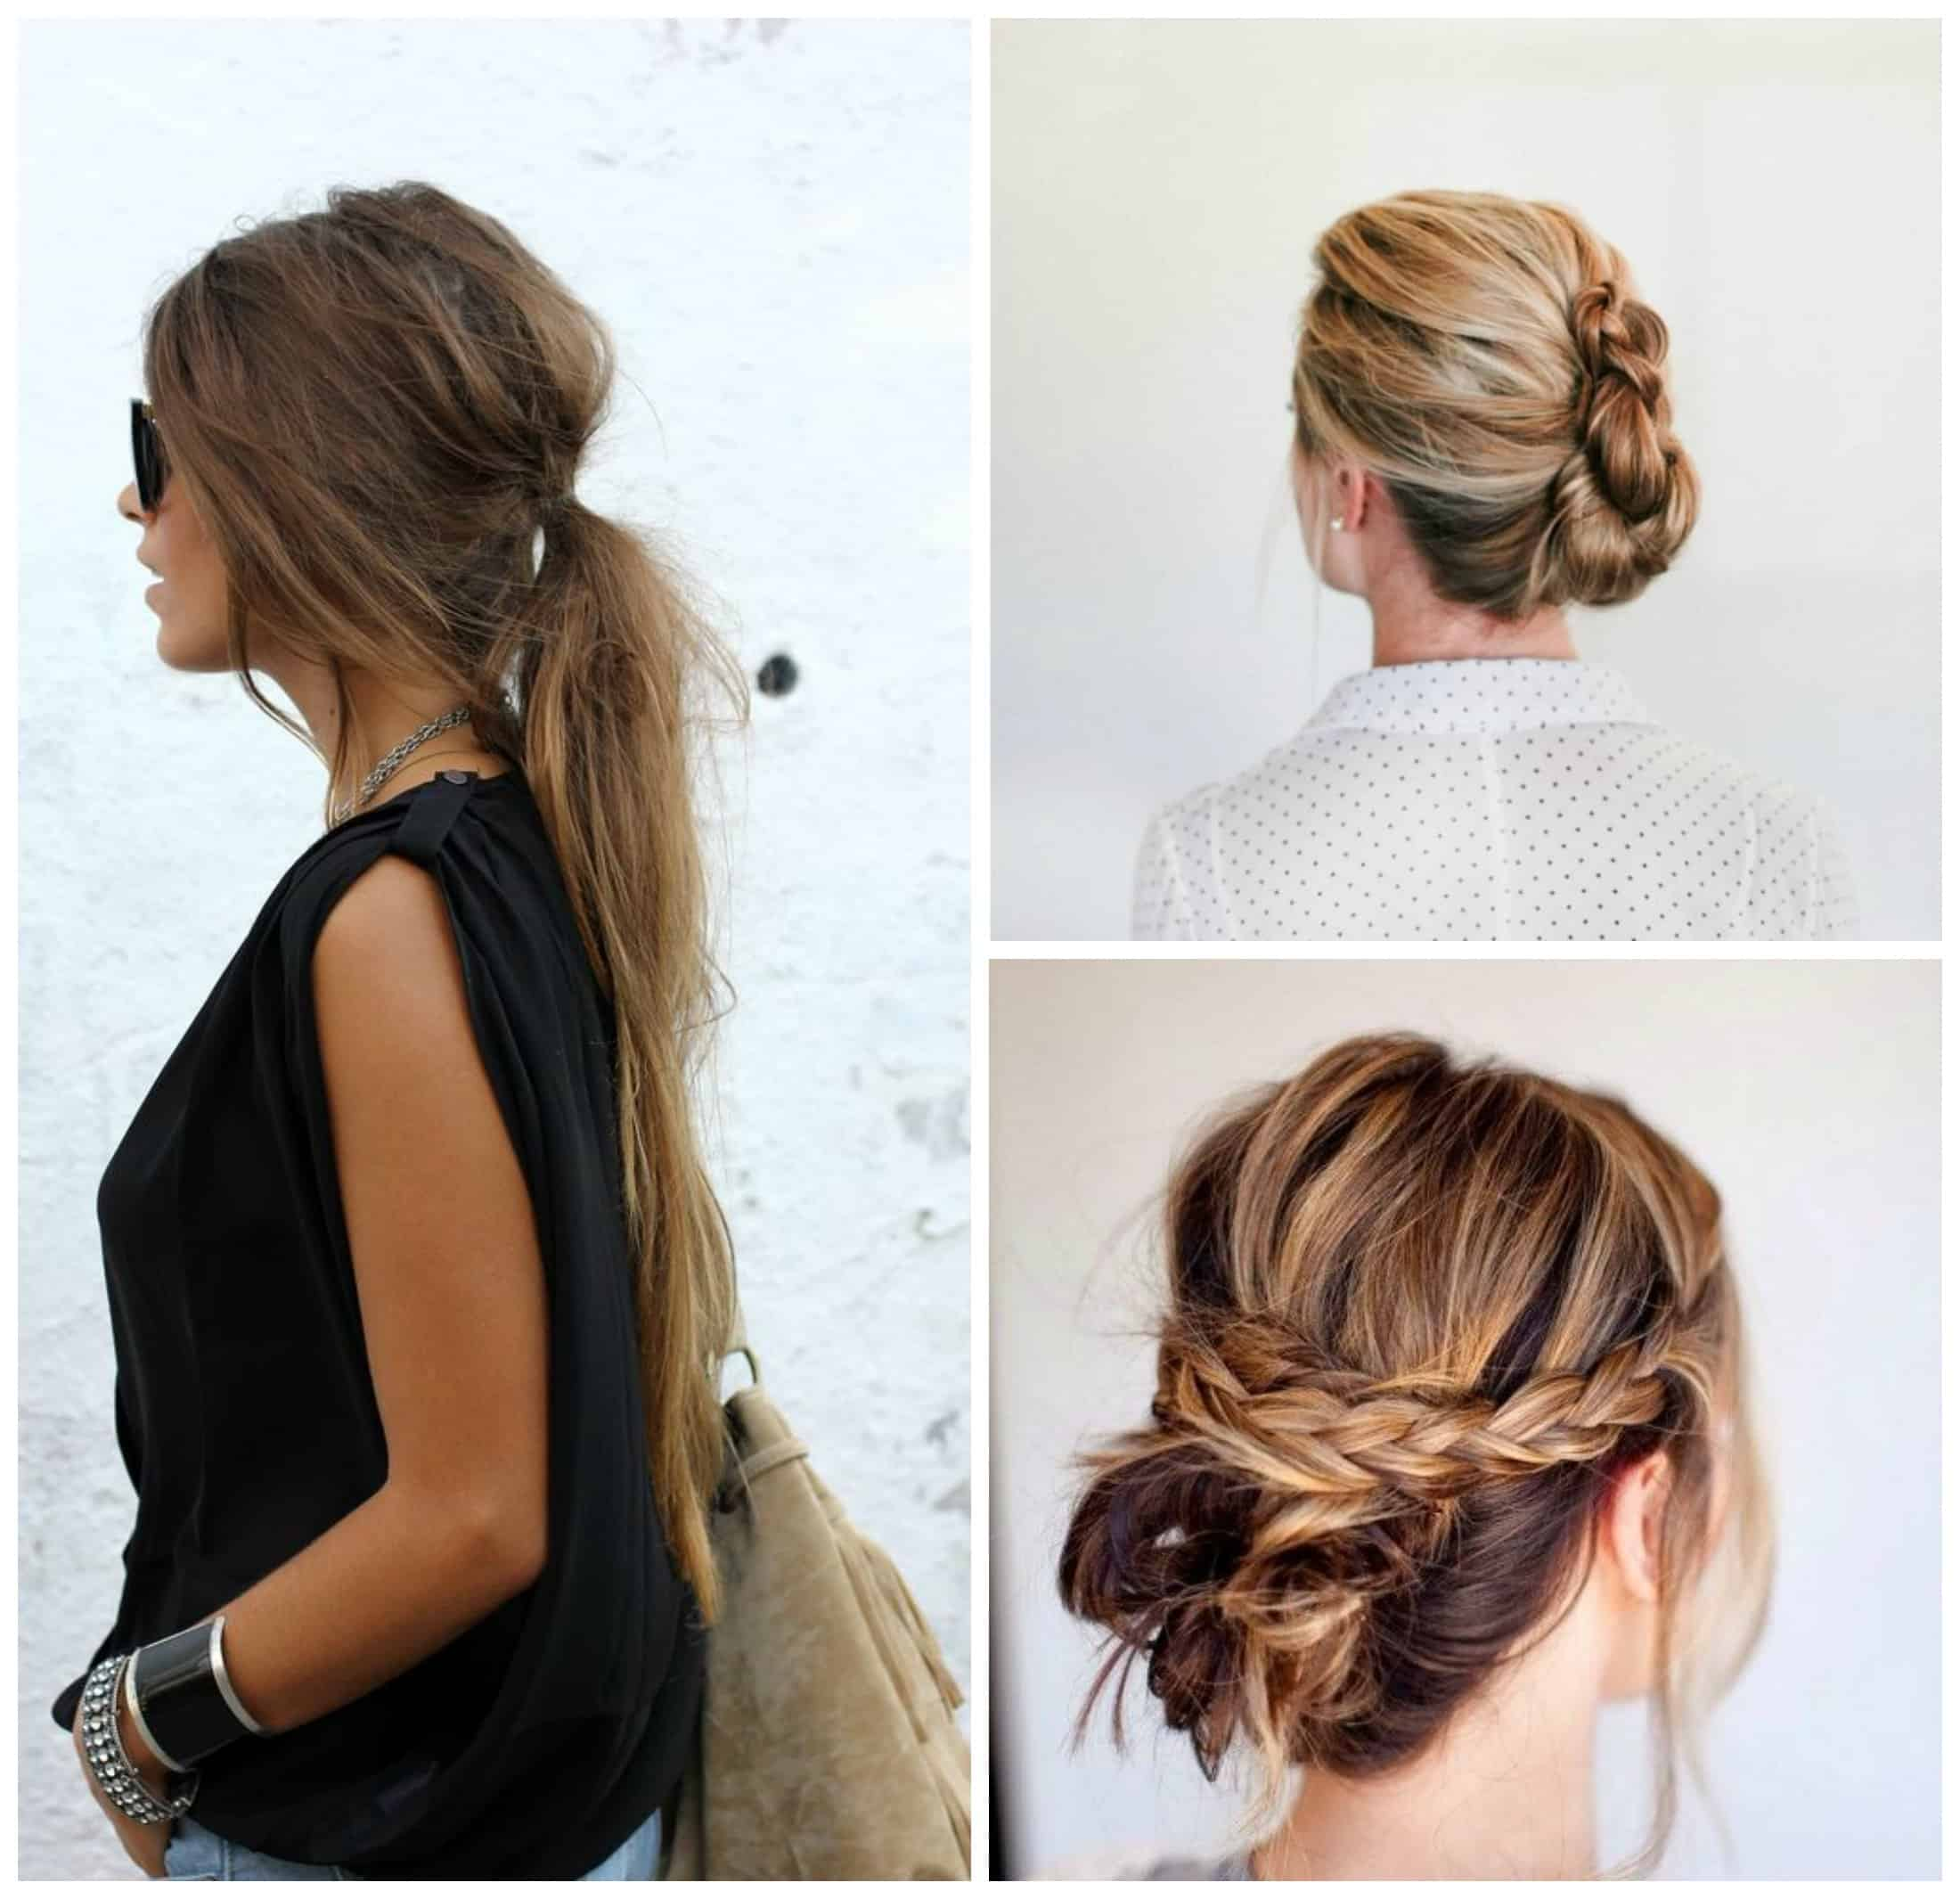 Tendencias de peinados f ciles r pidos y elegantes mas for Recogidos bonitos y sencillos